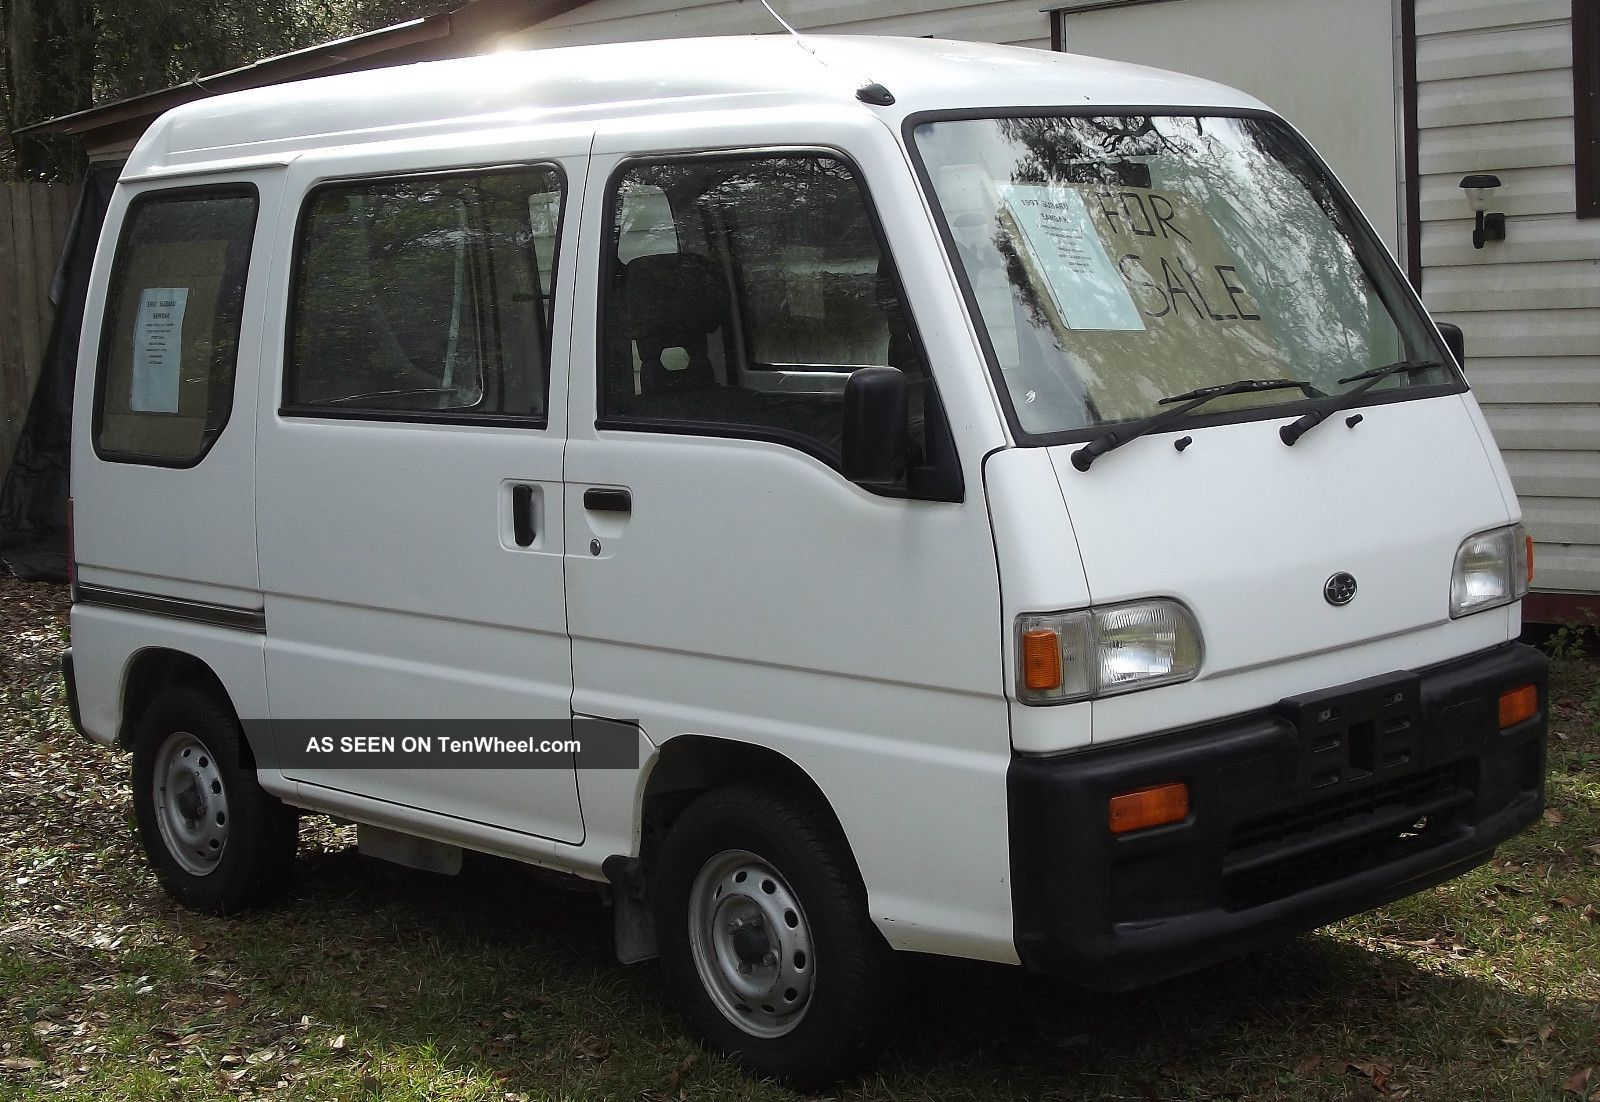 white Sambar image